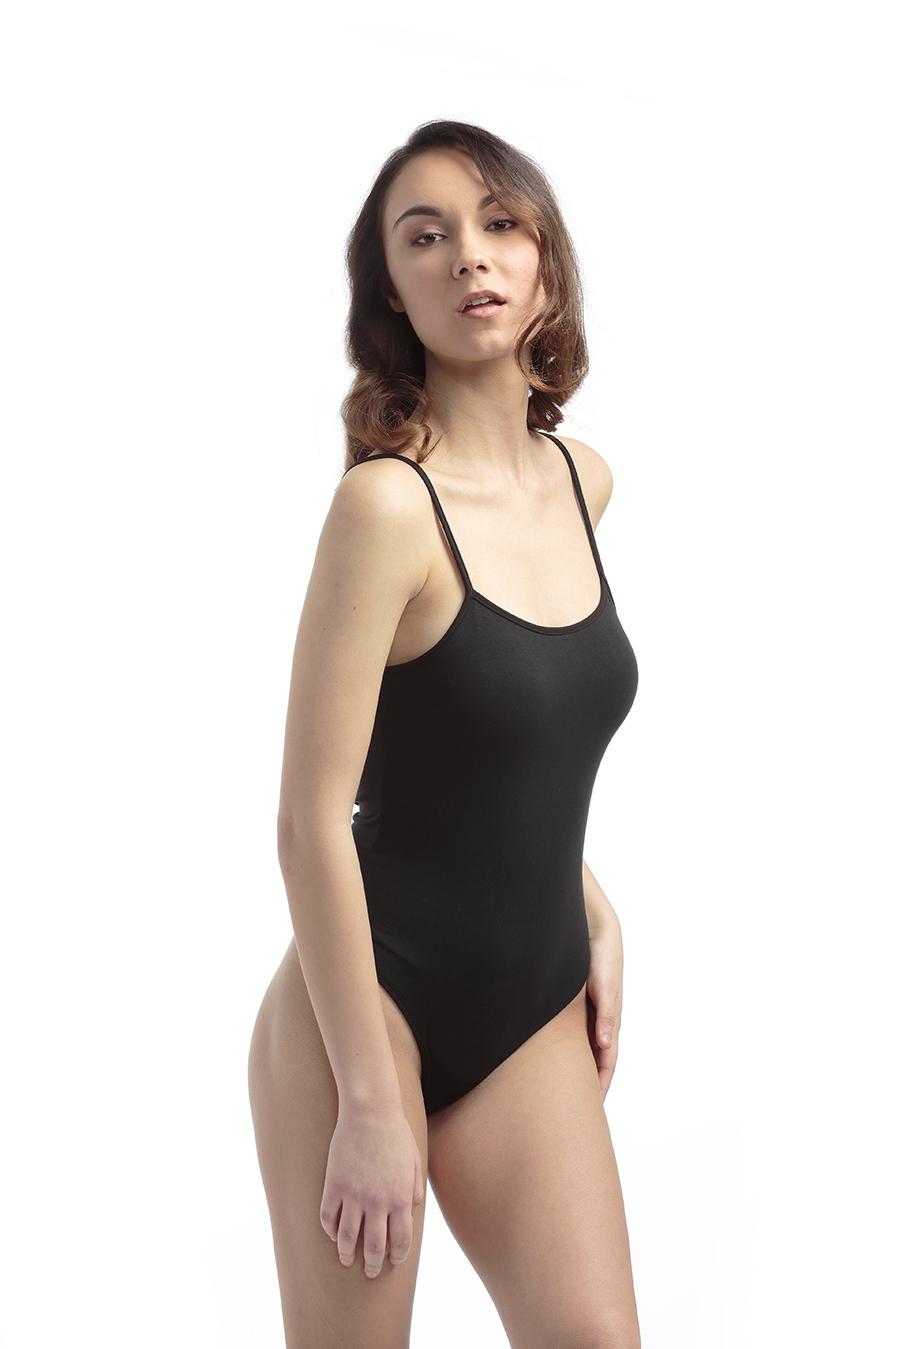 ART. B70 Body spalla stretta, retro brasiliana, cotone modal, chiusura bottoni automatici